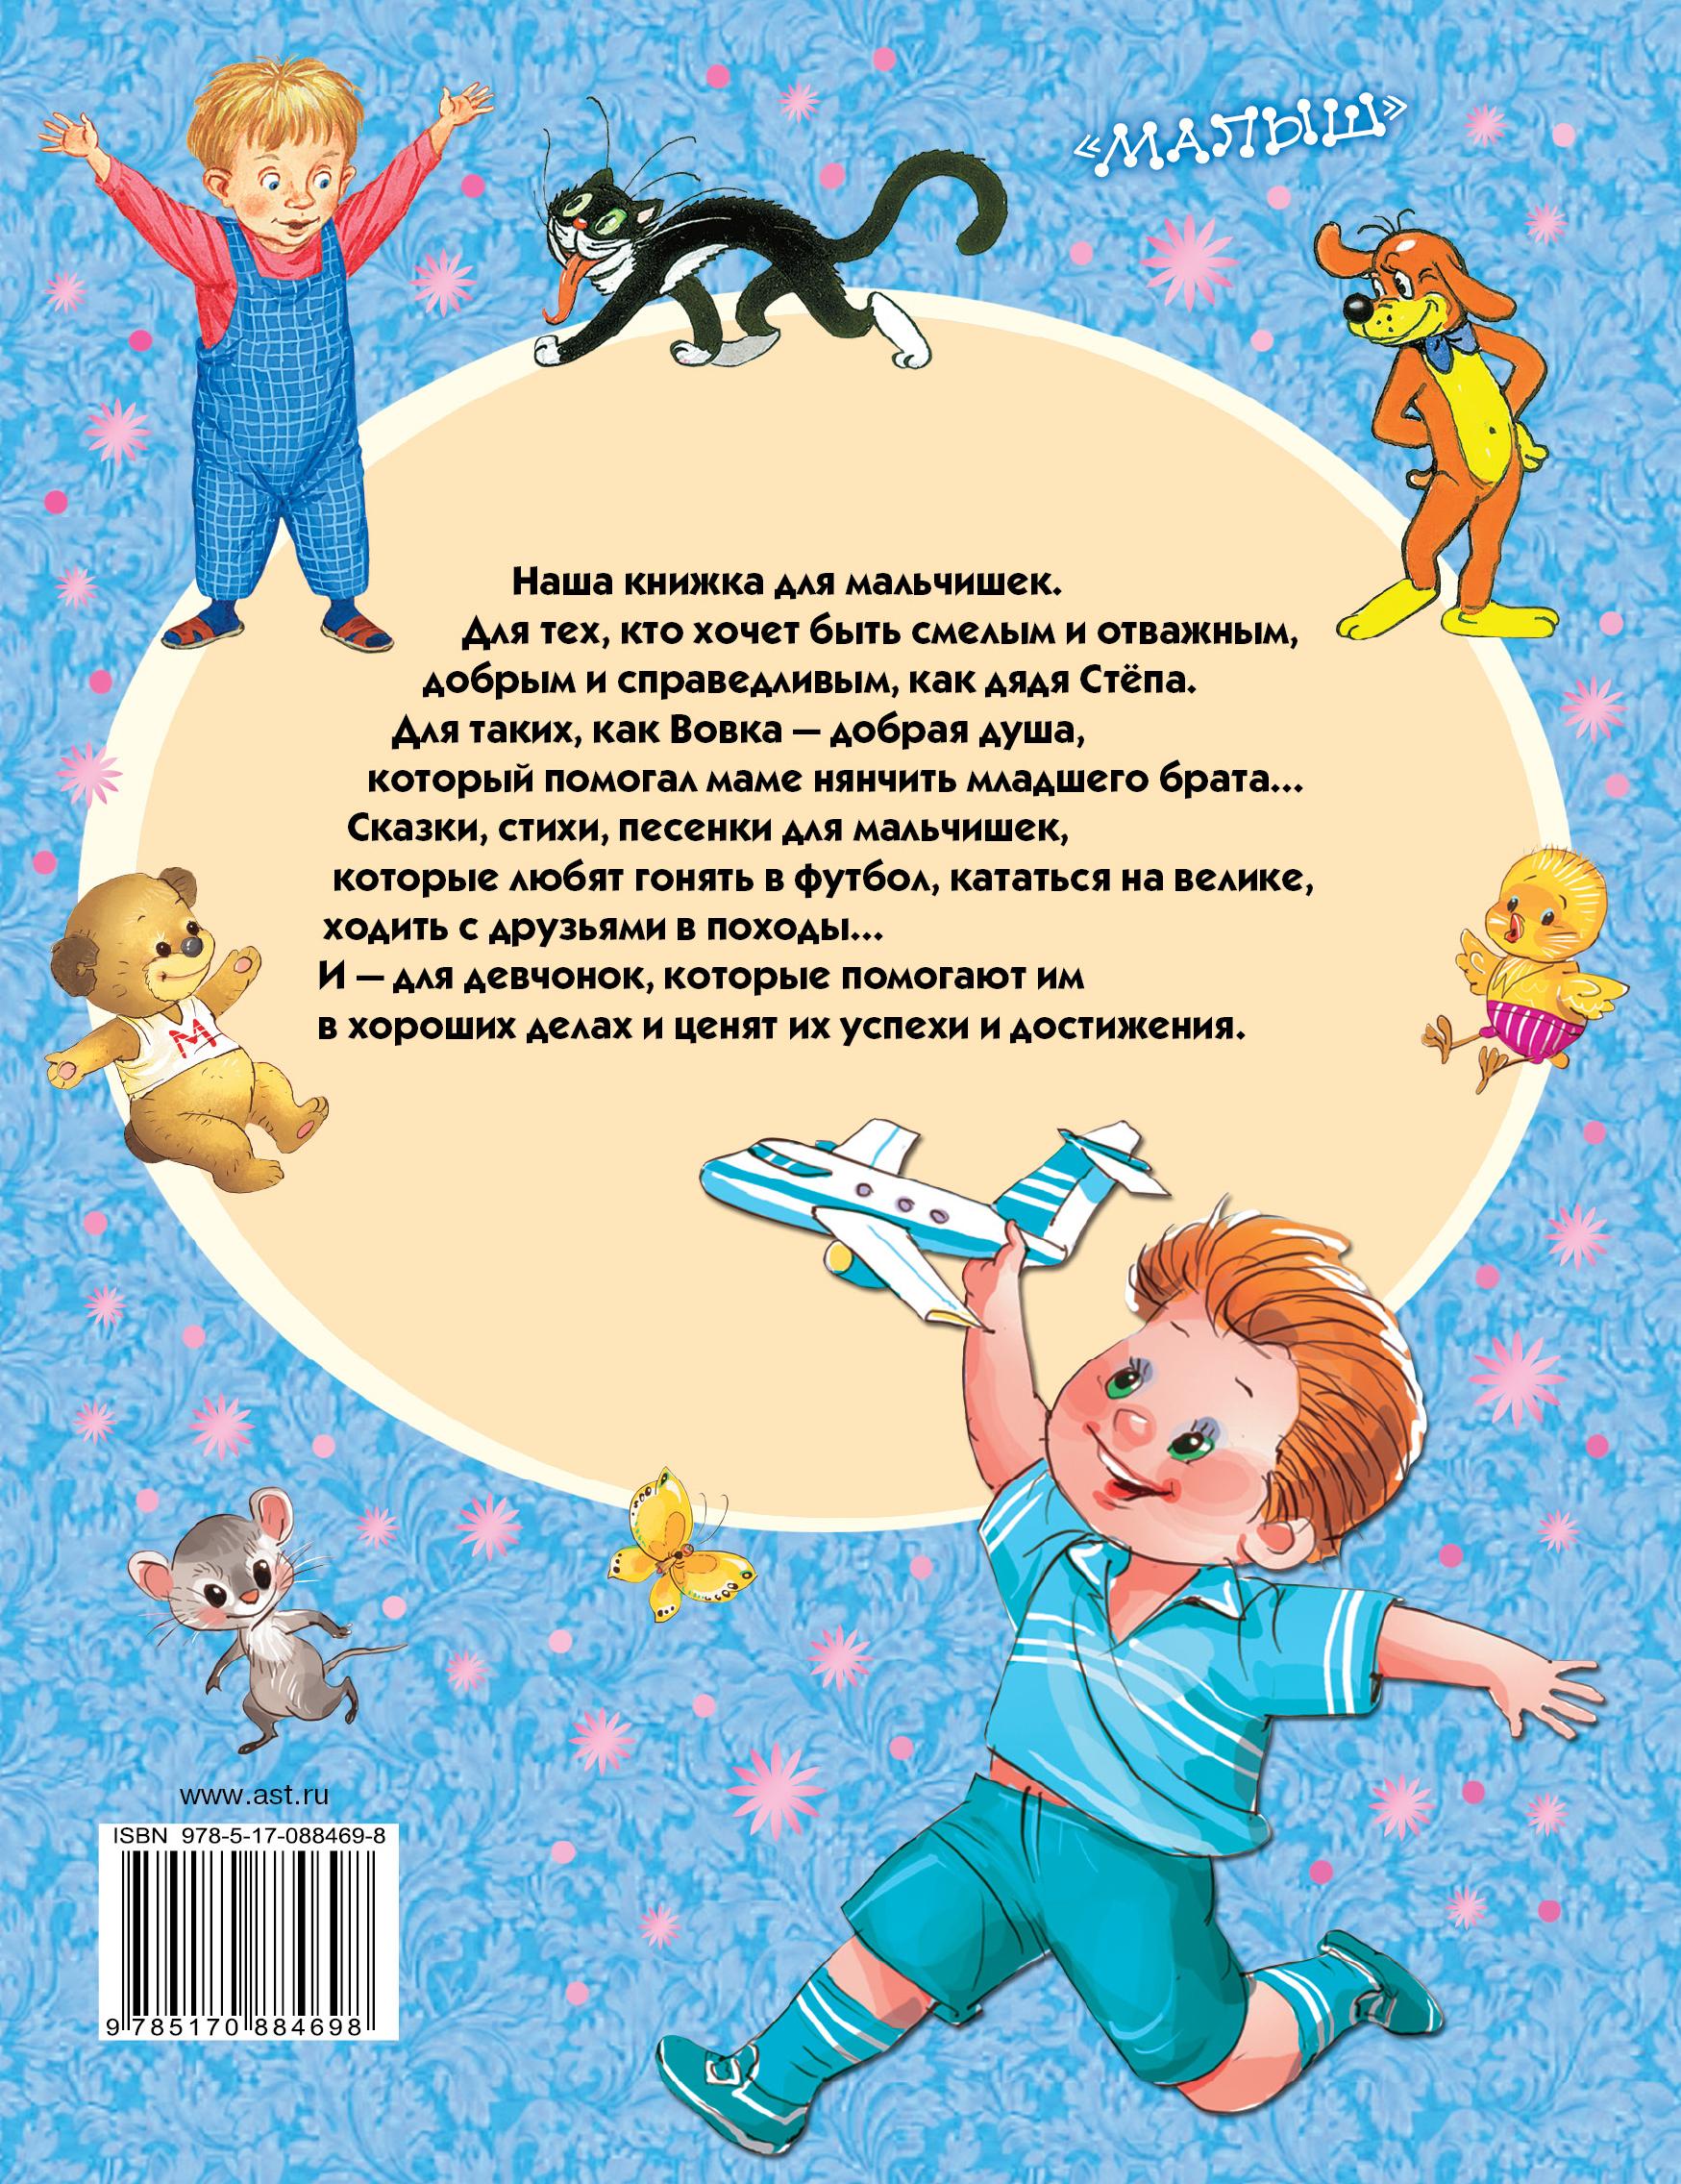 Детские оригинальные стихи